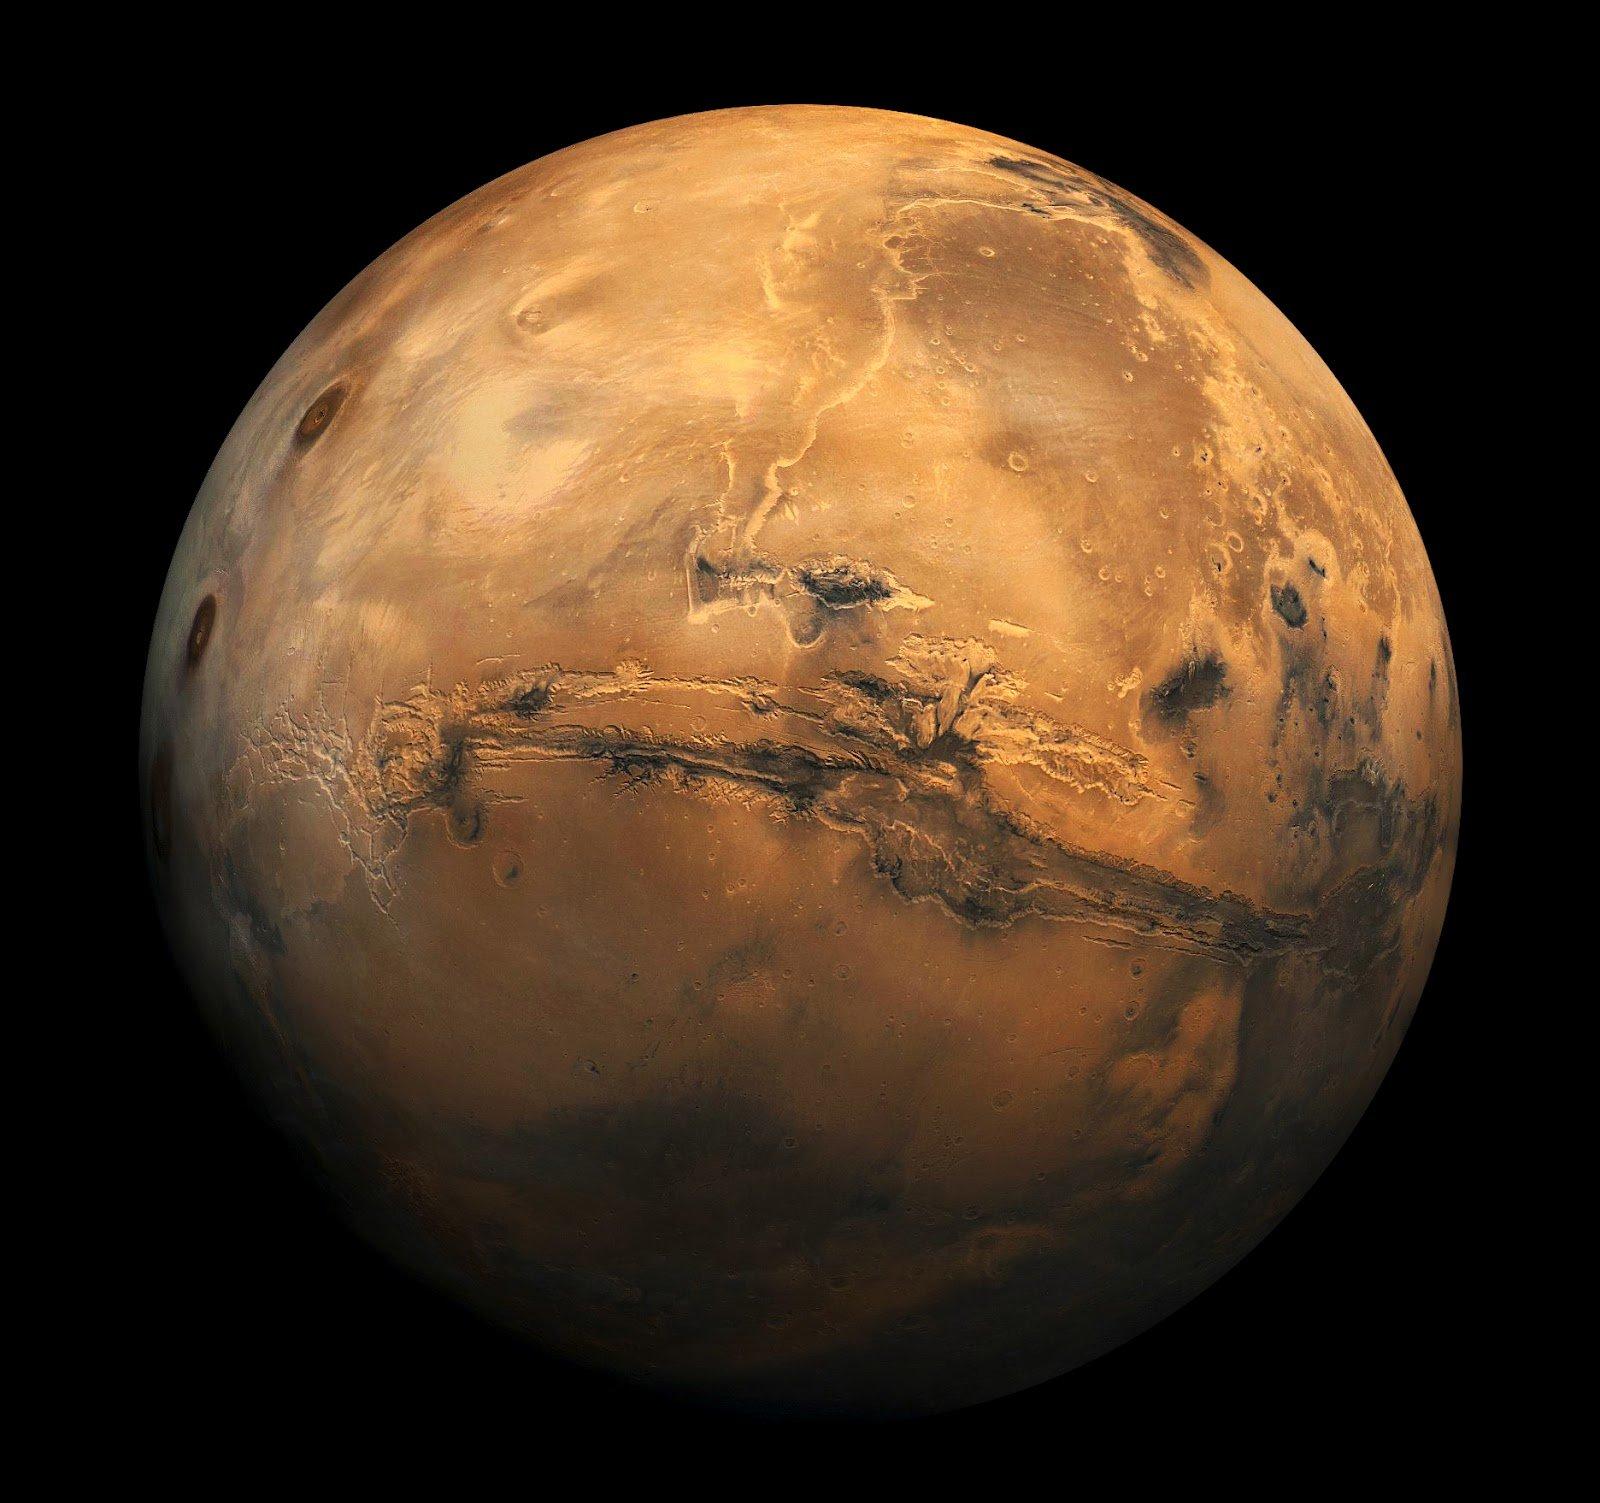 Но почему именно Марс? Суммируя все вышенаписанное: очевидно, у нас нет другого выбора.